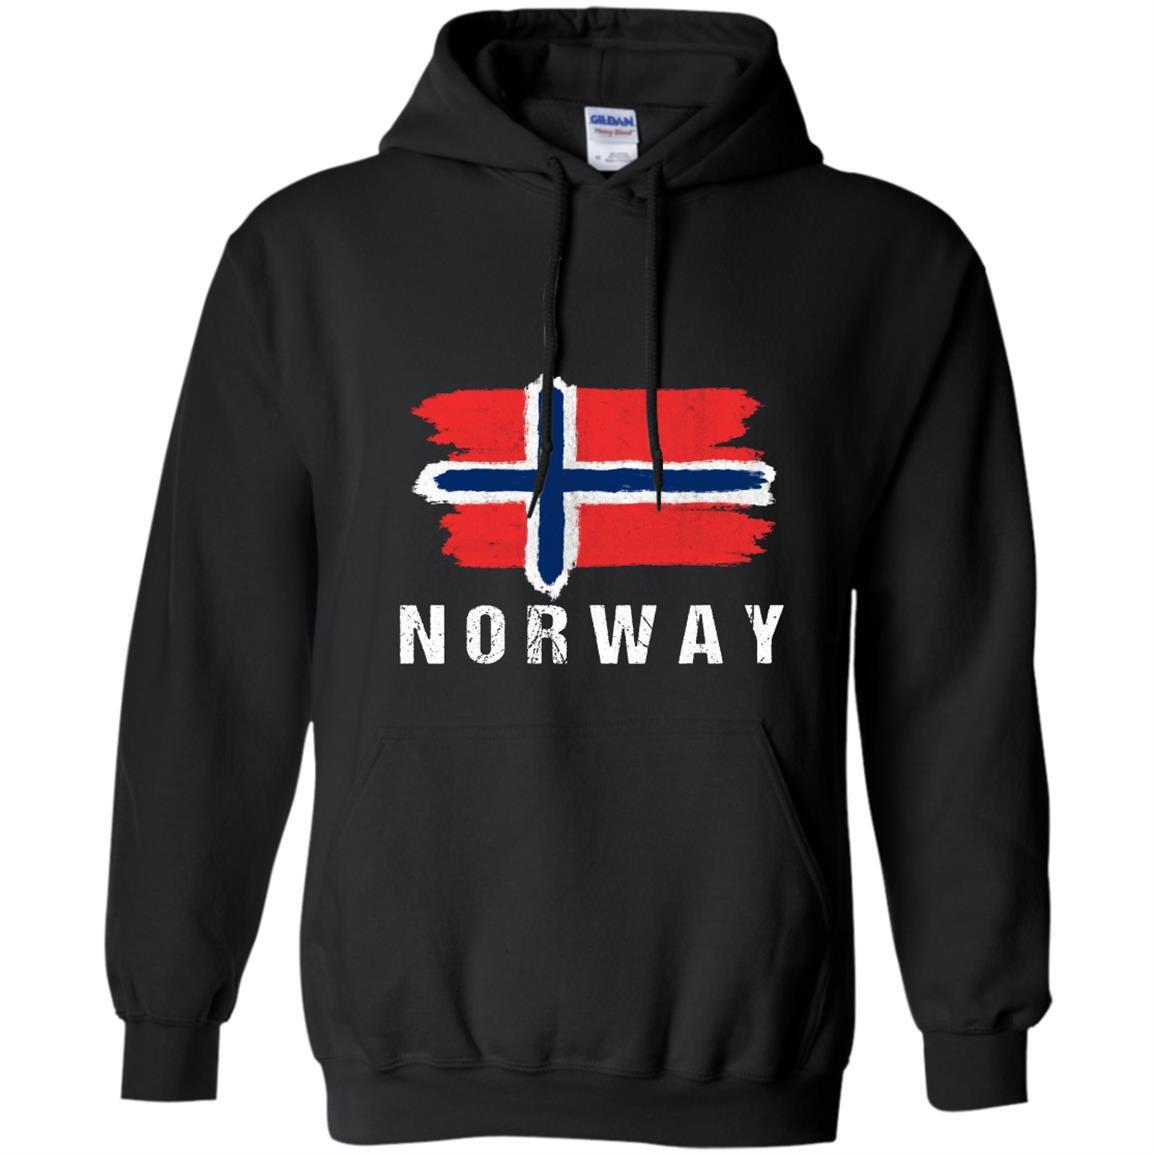 Painted norway flag pullover norwegian flag hood Hoodie